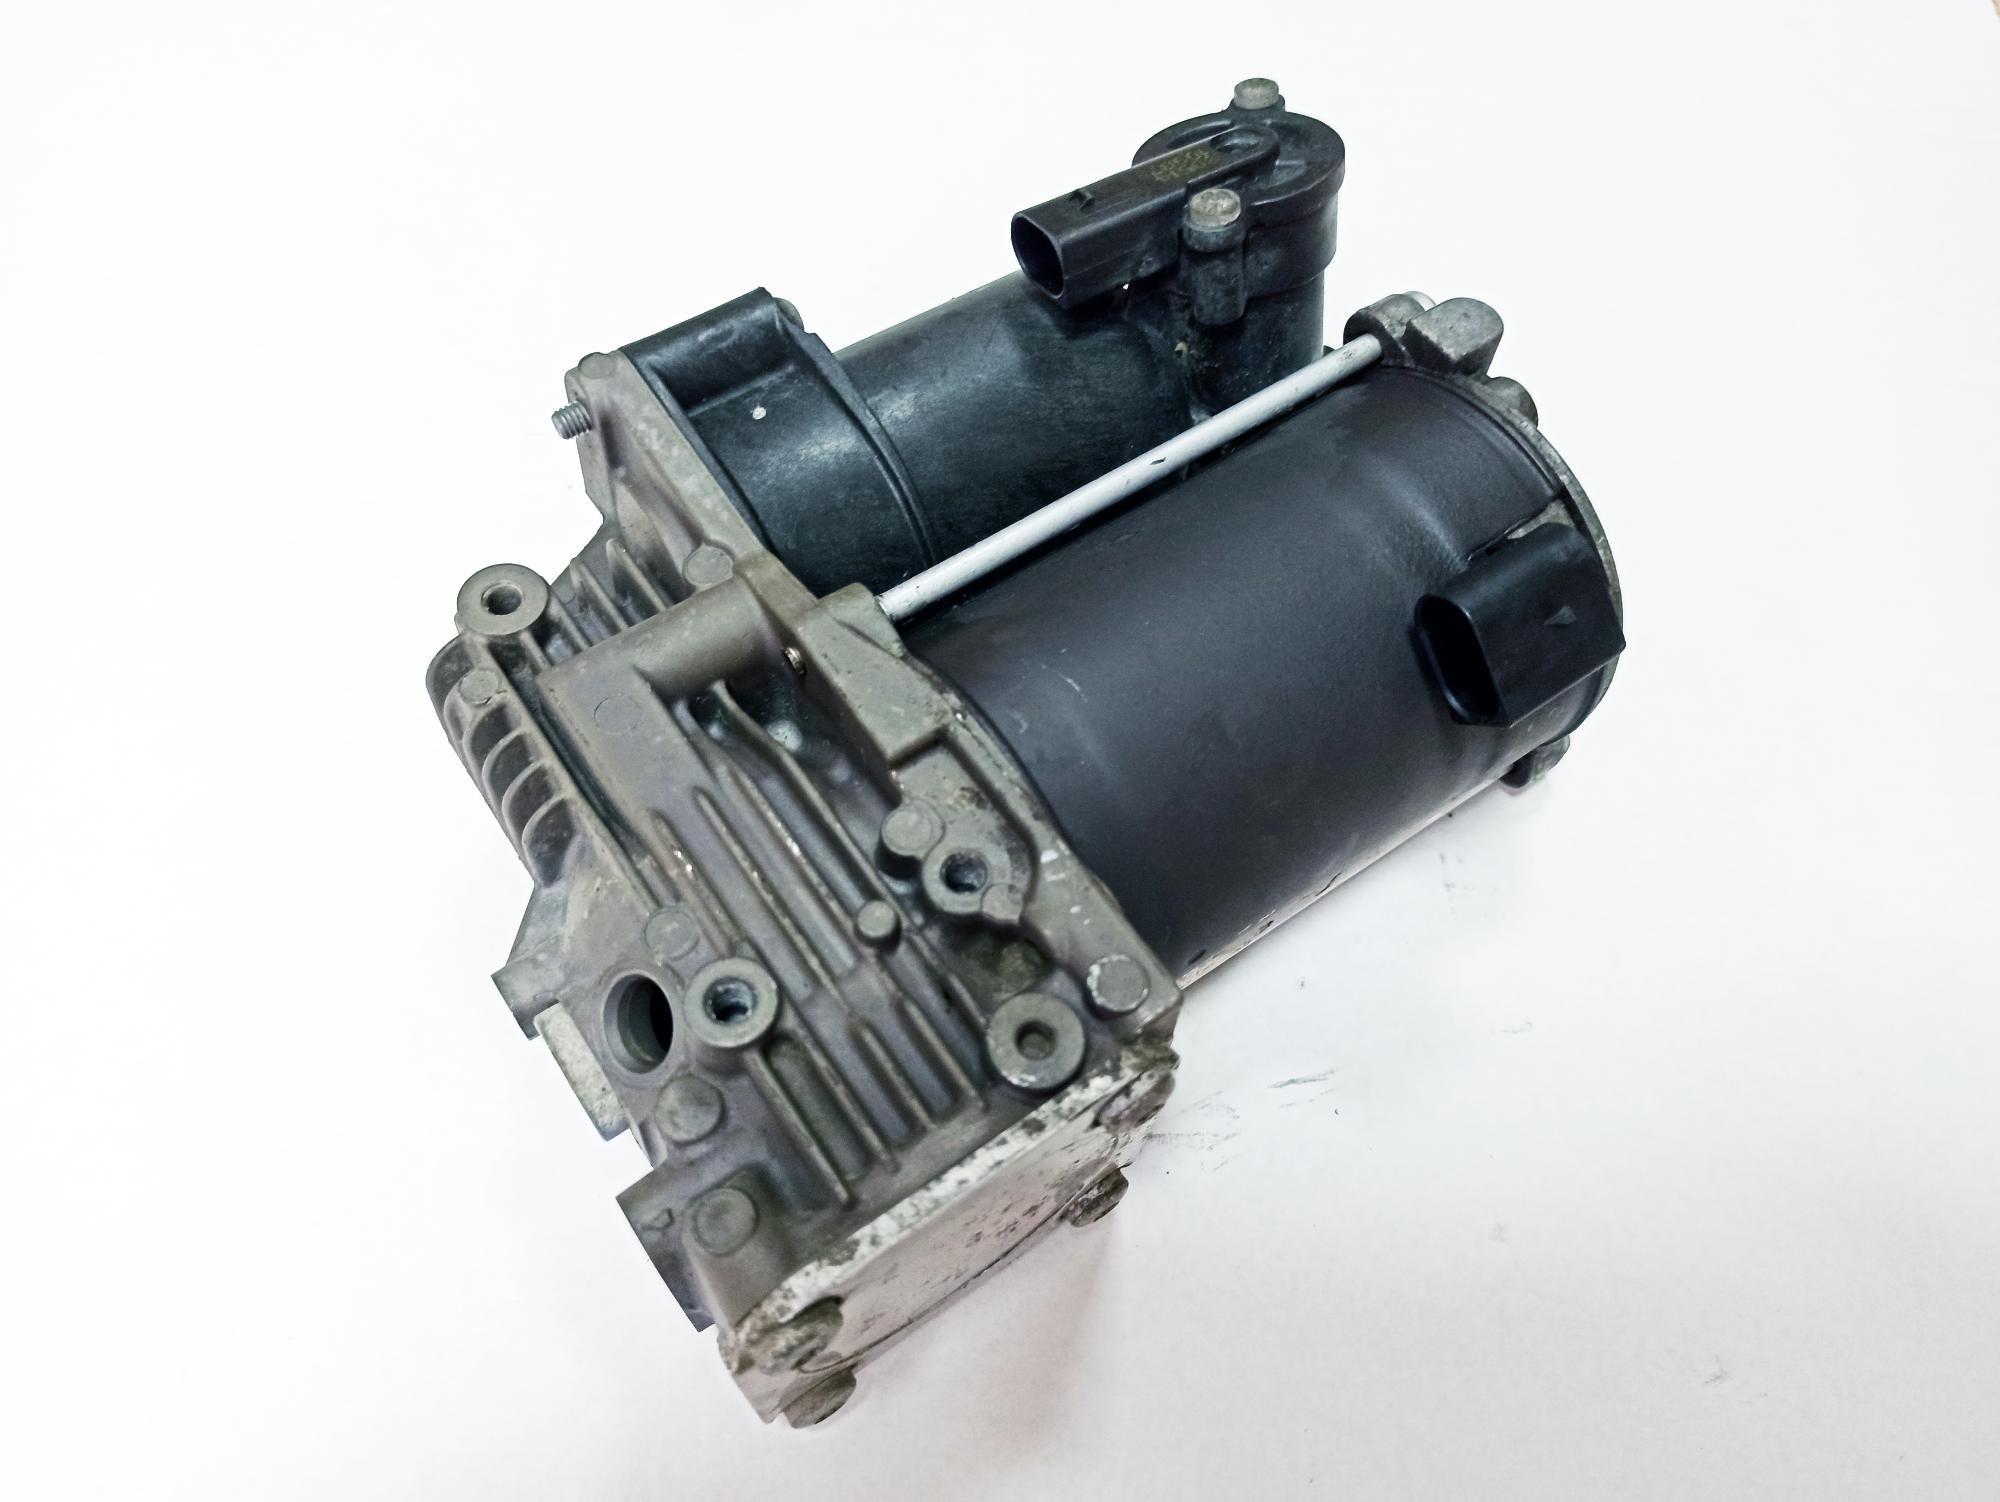 картинка Оригинальный восстановленный компрессор пневмоподвески AMK для Mercedes S-class W222 / C217 (A0993200104, A2223200404) от магазина пневмоподвески ПневмоМаркет